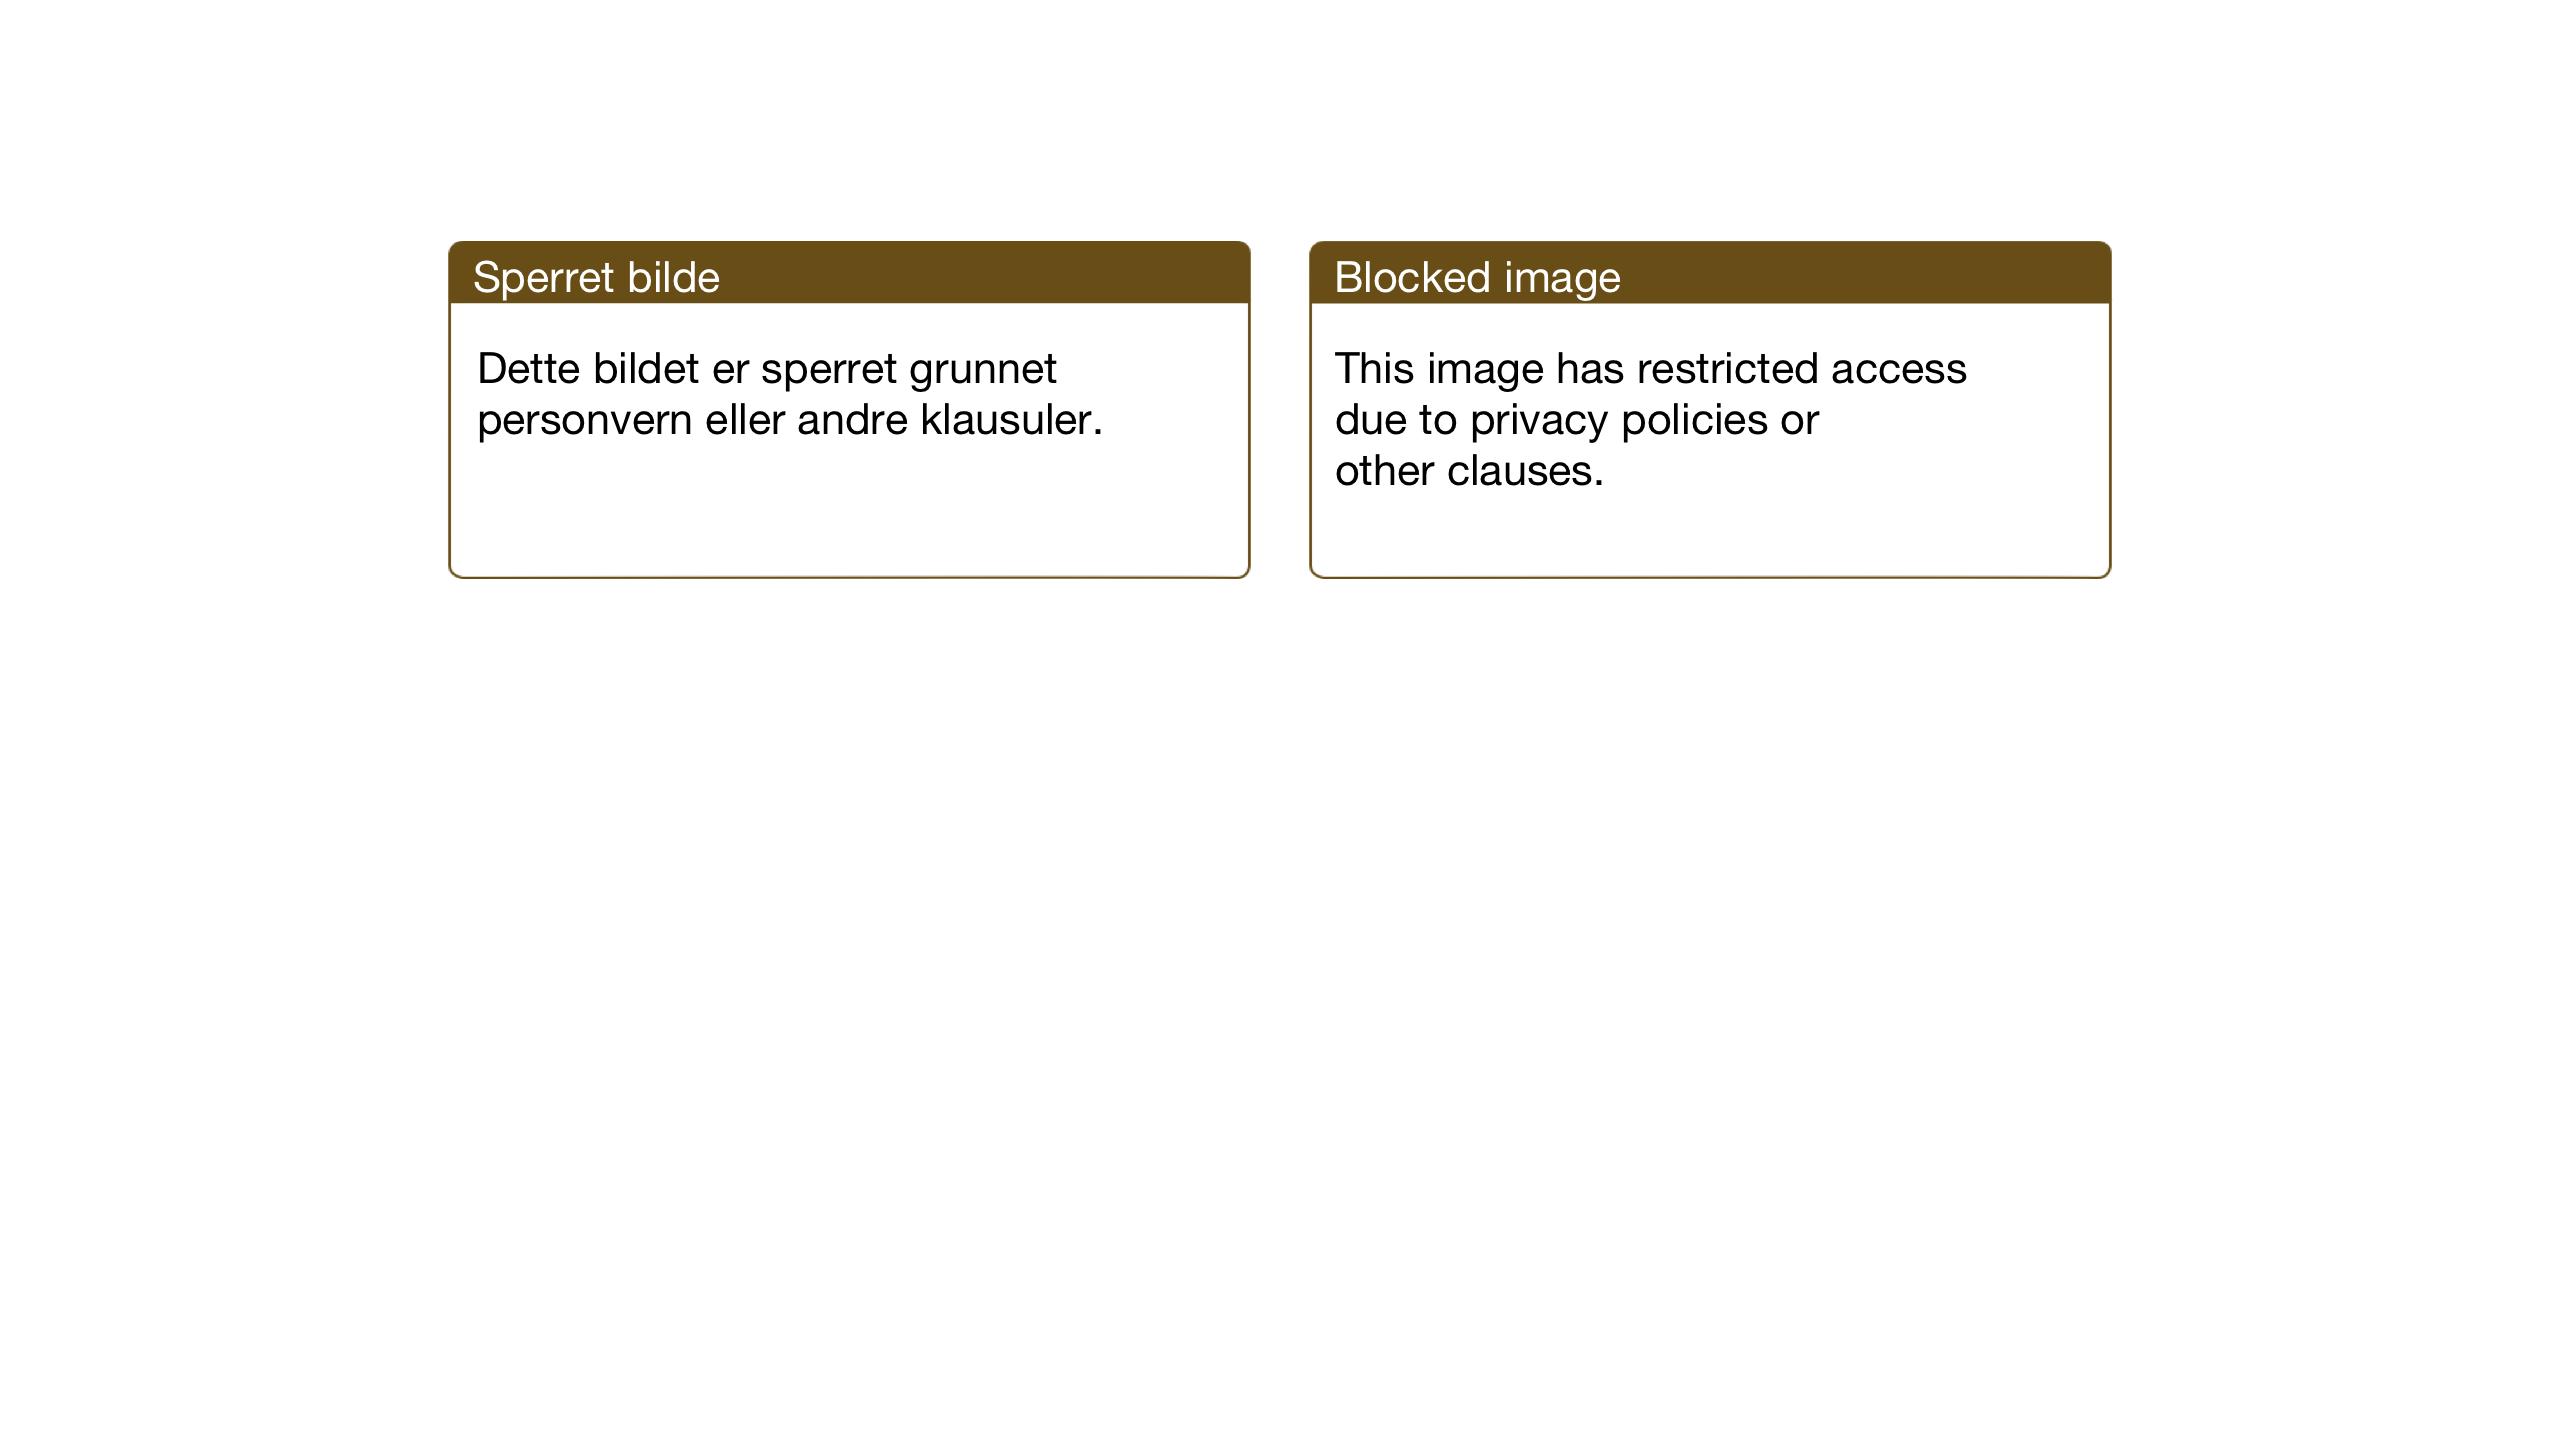 SAT, Ministerialprotokoller, klokkerbøker og fødselsregistre - Nord-Trøndelag, 719/L0180: Klokkerbok nr. 719C01, 1878-1940, s. 47